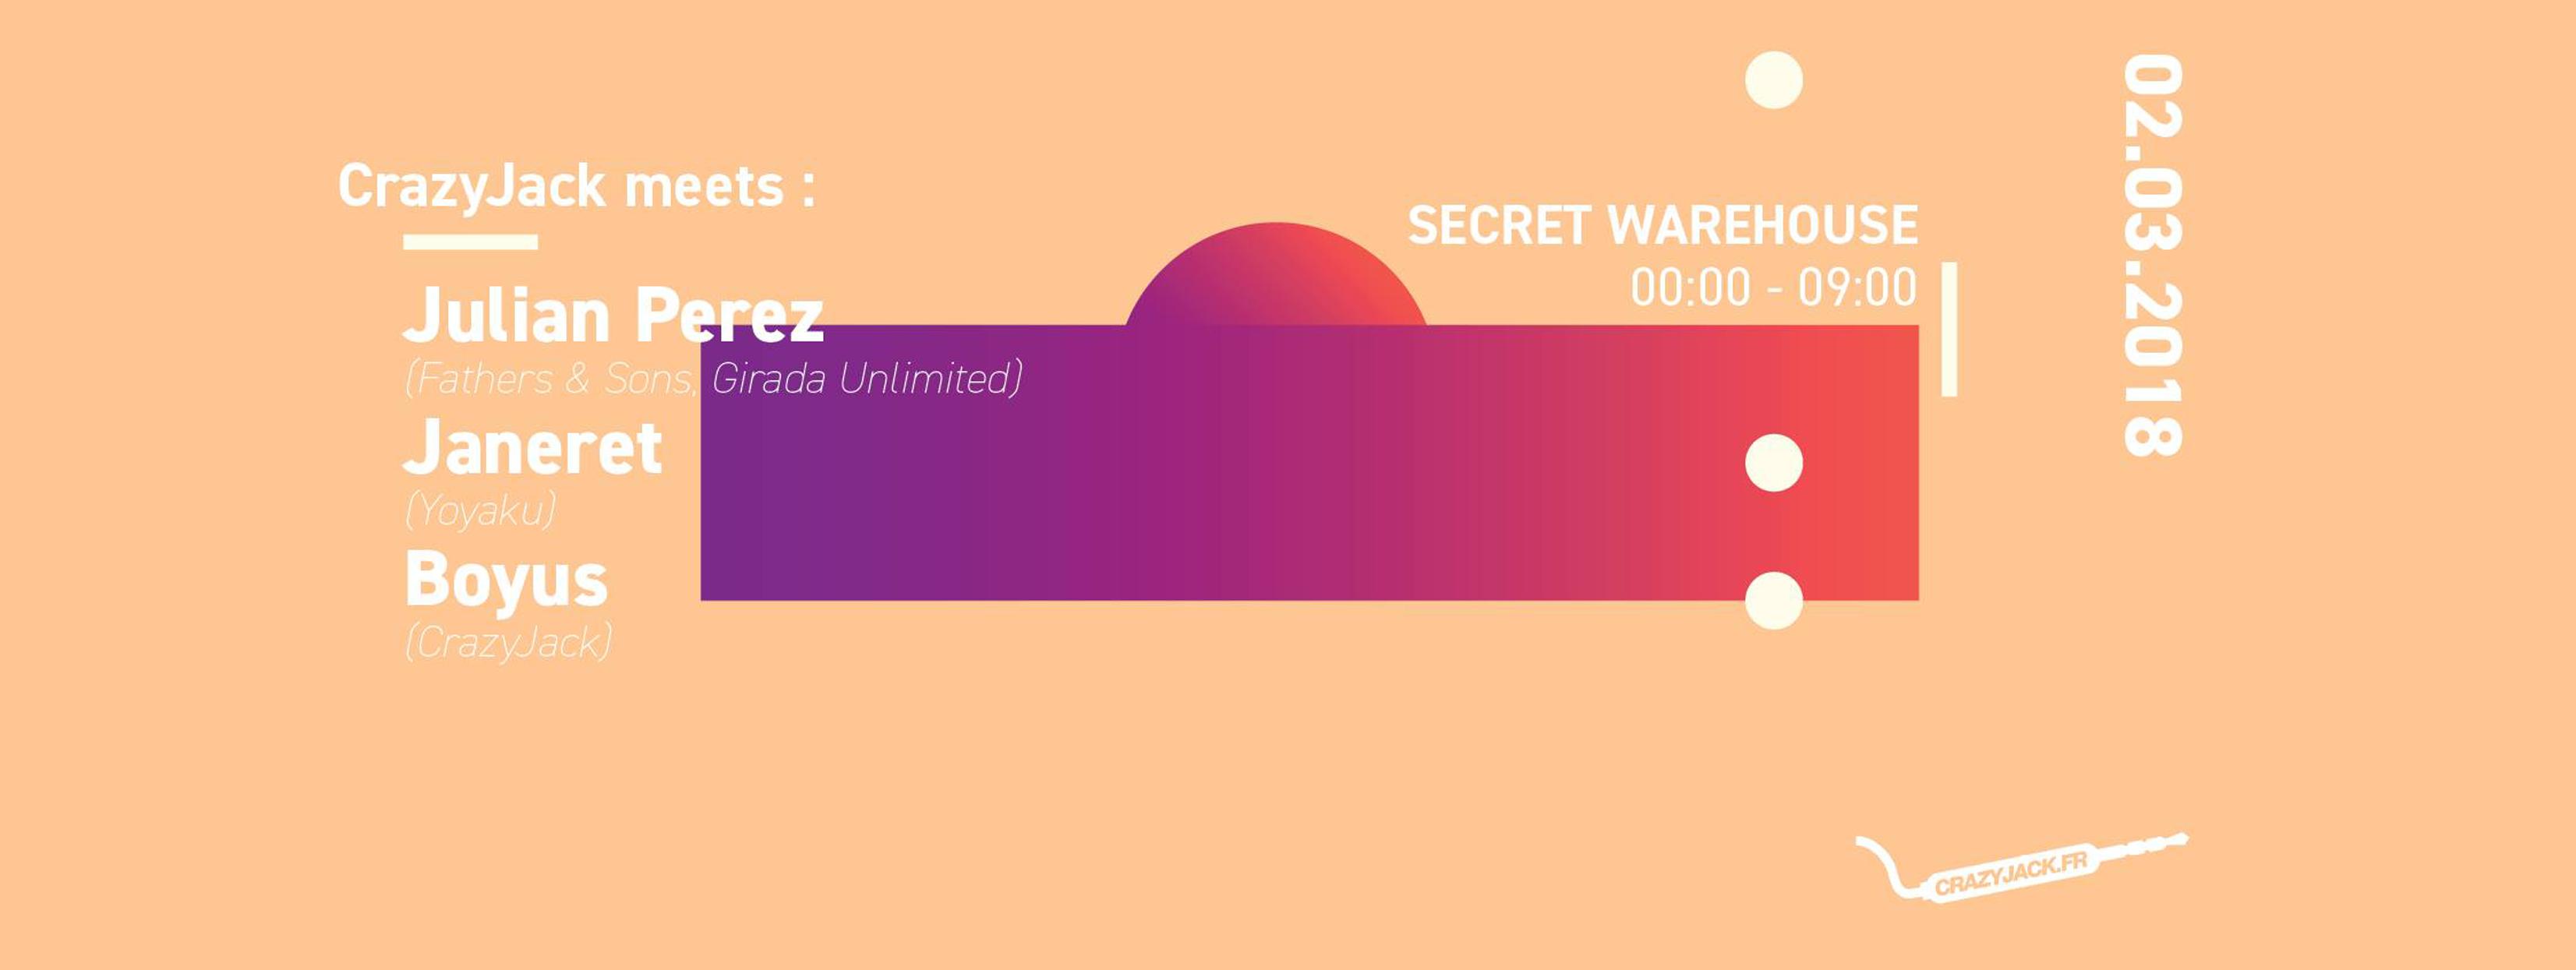 CrazyJack ● Secret Warehouse